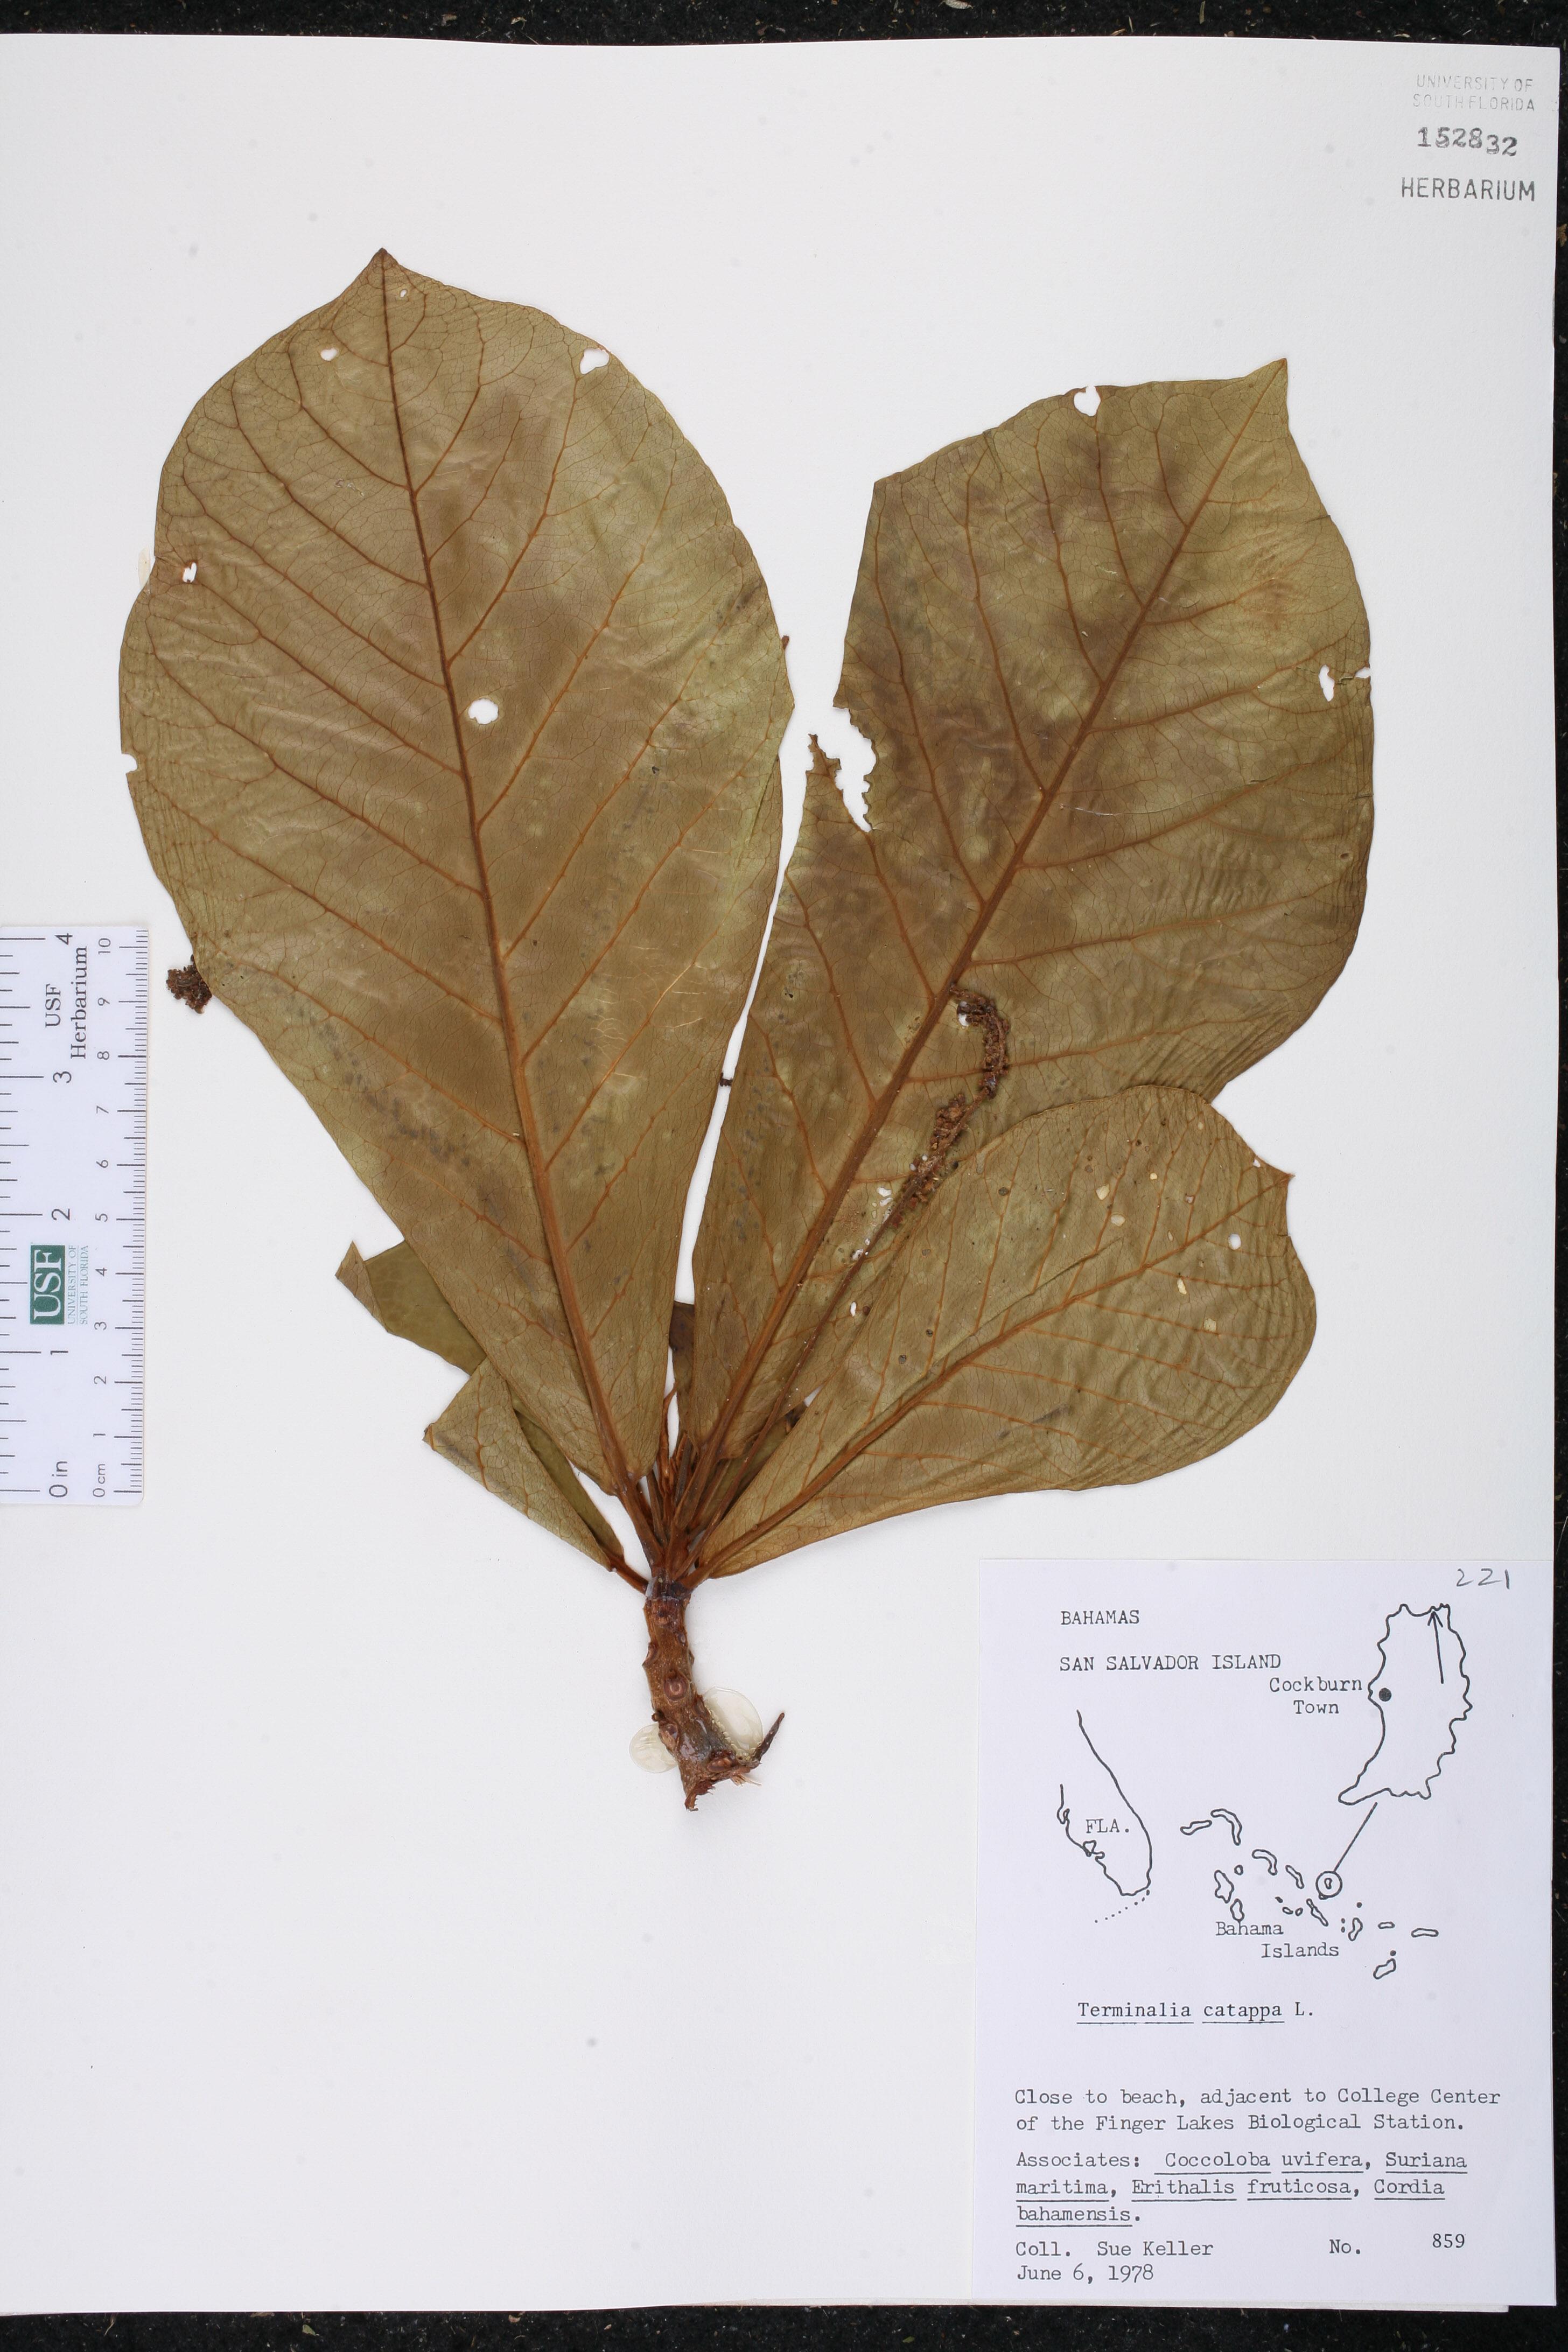 Herbarium Specimen Details - ISB: Atlas of Florida Plants